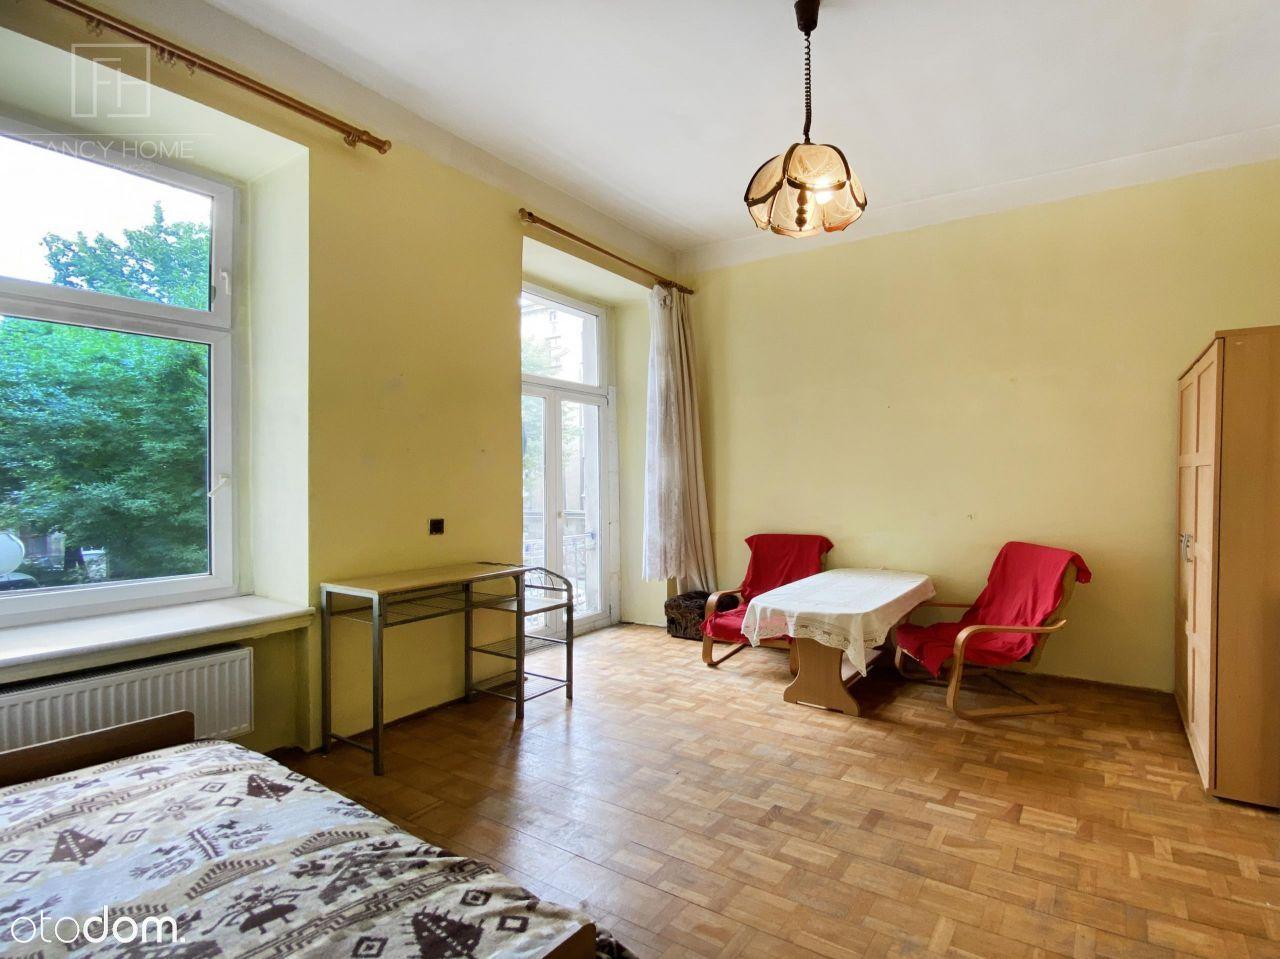 Mieszkanie w samym centrum, 5min. od Piotrkowskiej